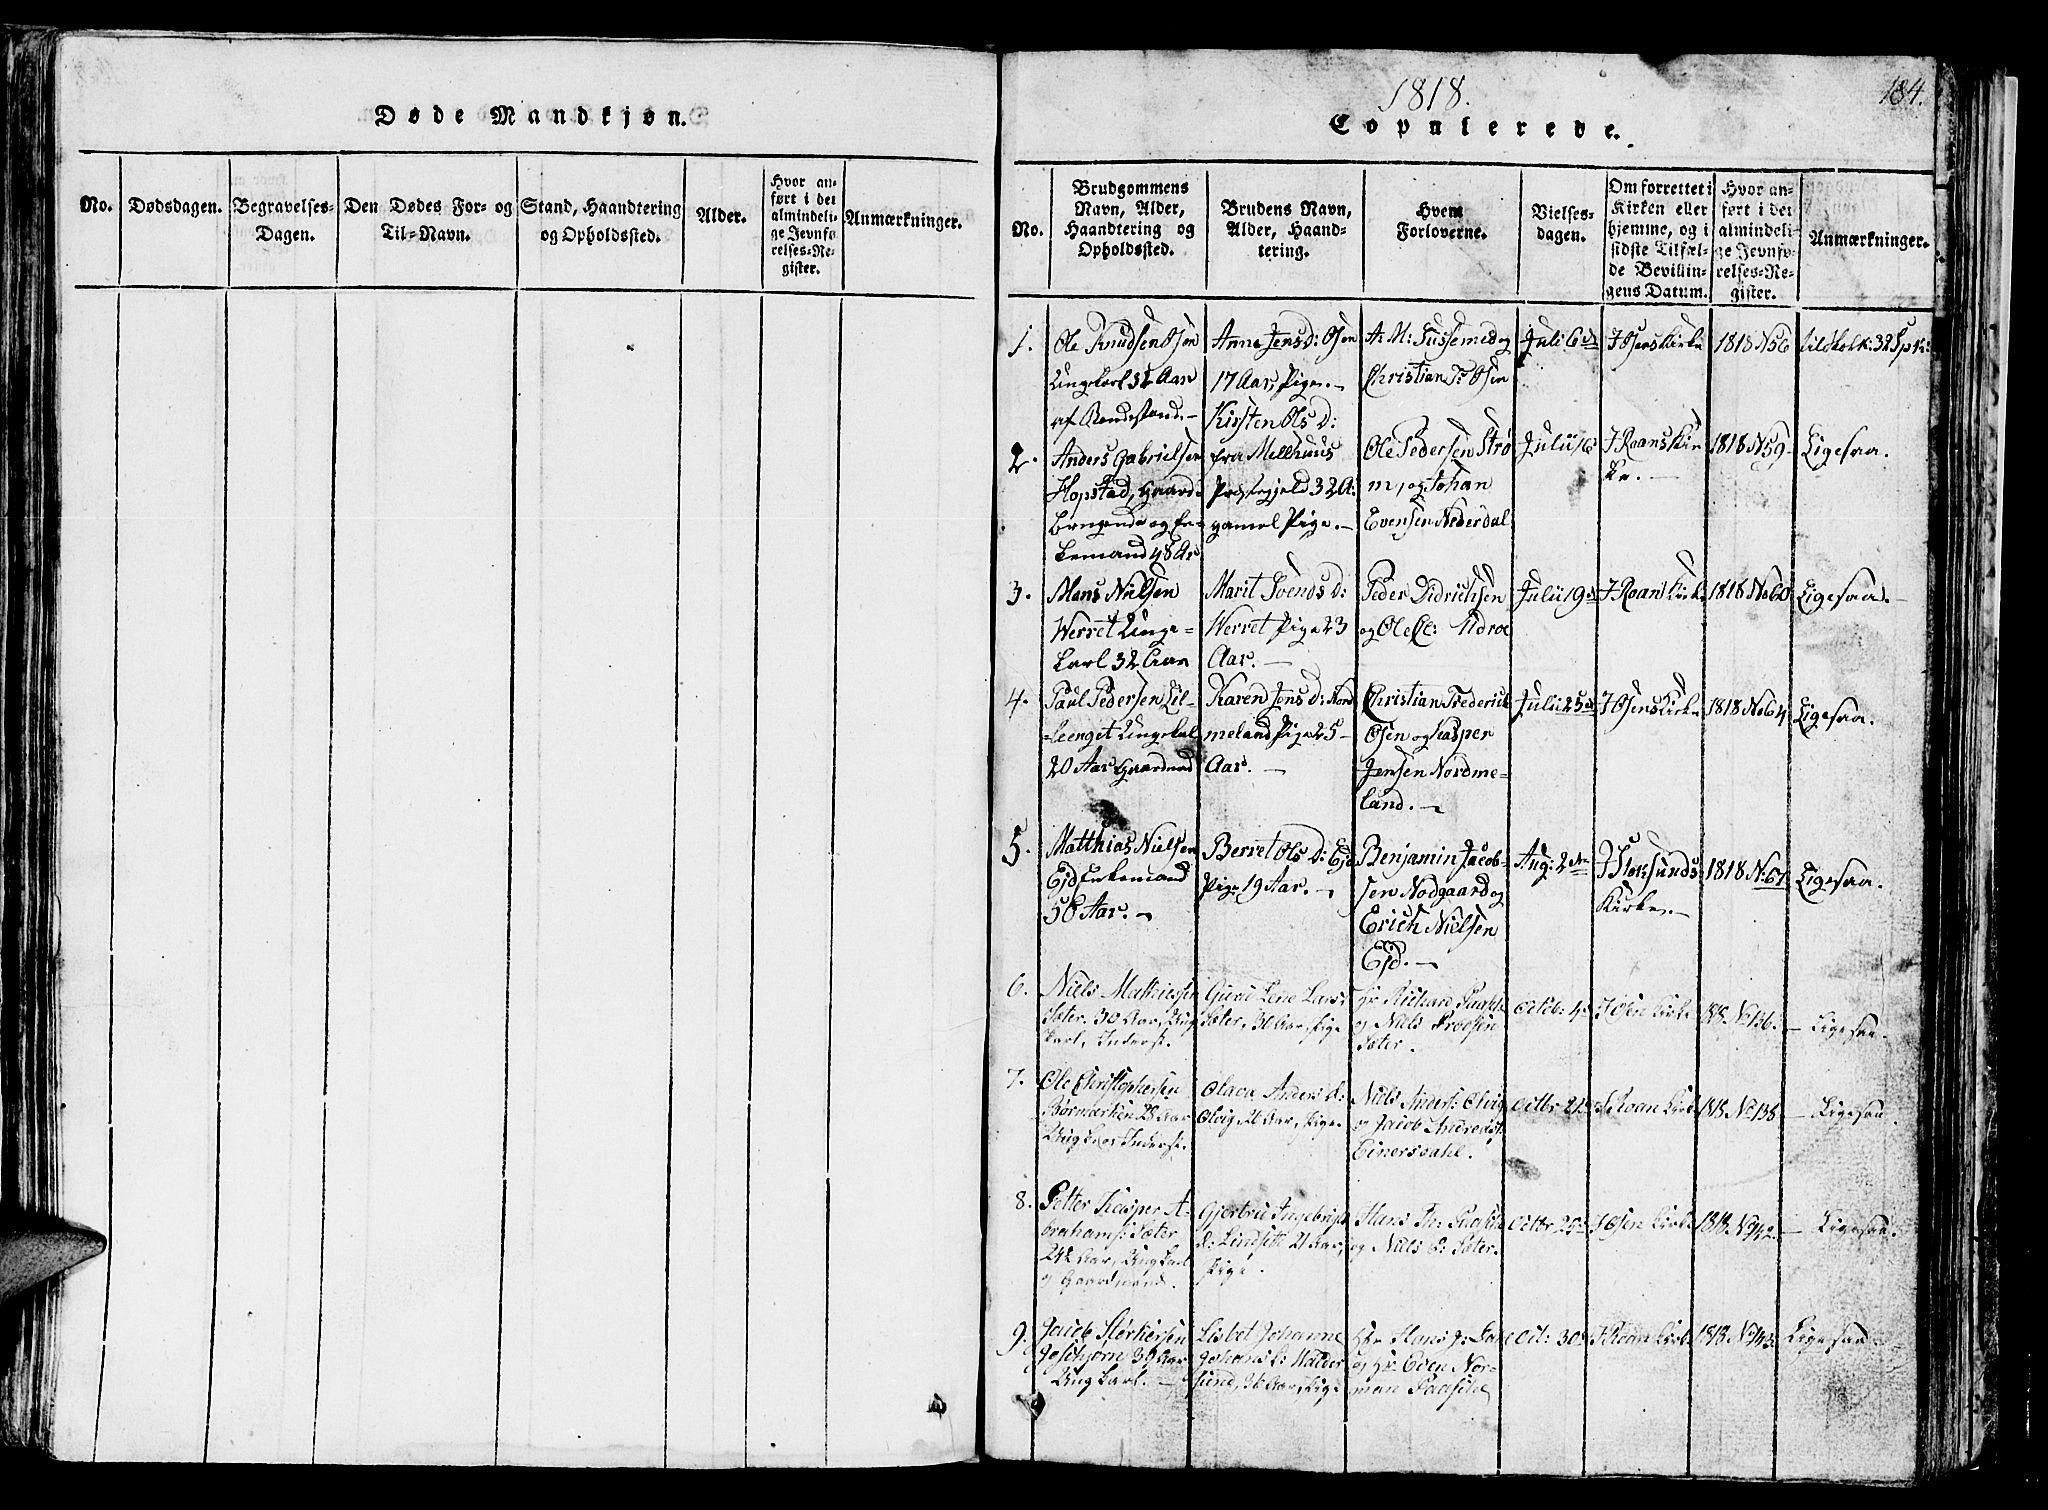 SAT, Ministerialprotokoller, klokkerbøker og fødselsregistre - Sør-Trøndelag, 657/L0714: Klokkerbok nr. 657C01, 1818-1868, s. 184